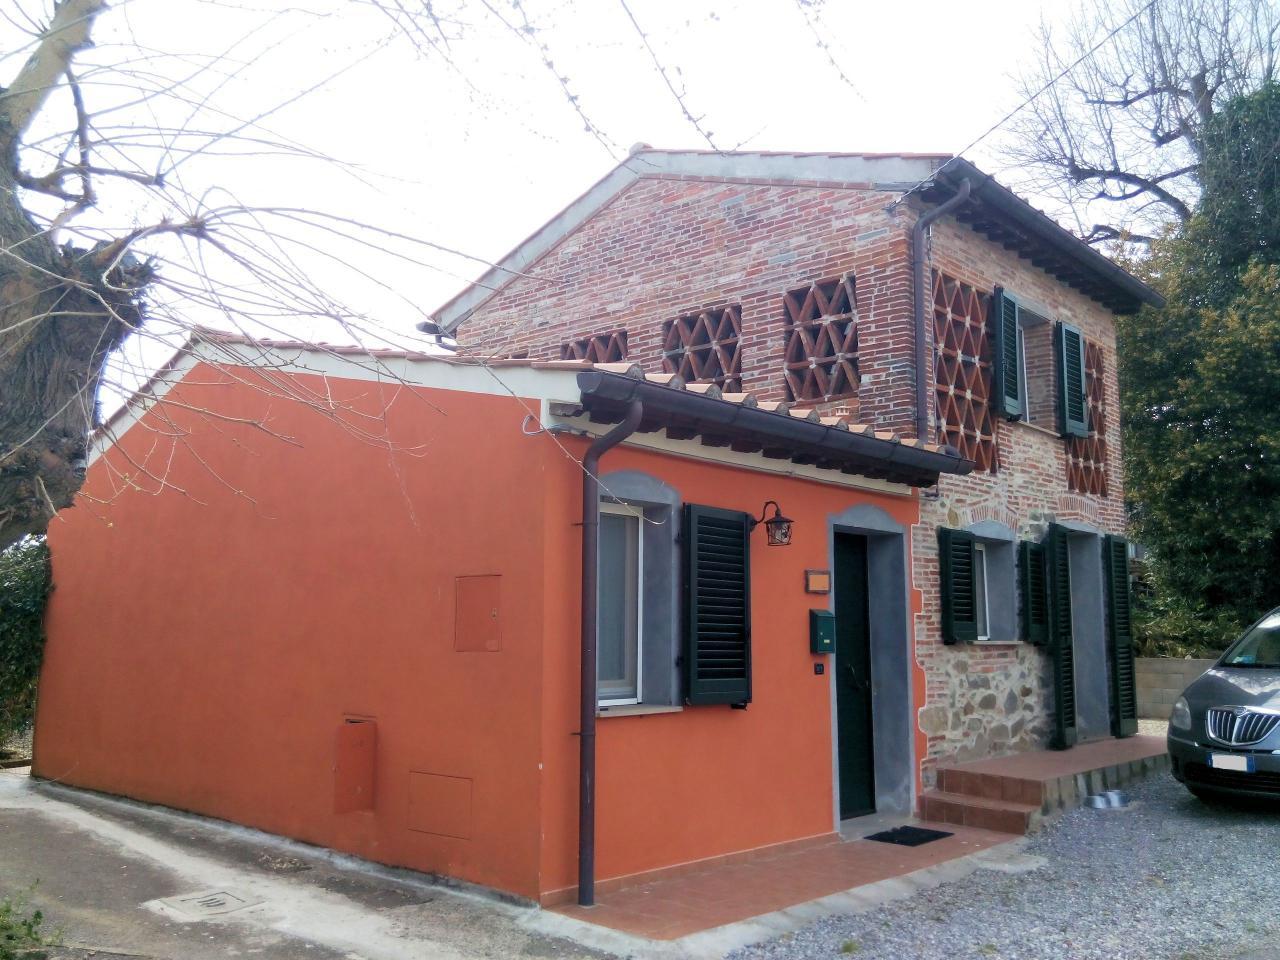 Rustico / Casale in vendita a Altopascio, 3 locali, zona Località: BadiaPozzeveri, prezzo € 139.000 | CambioCasa.it